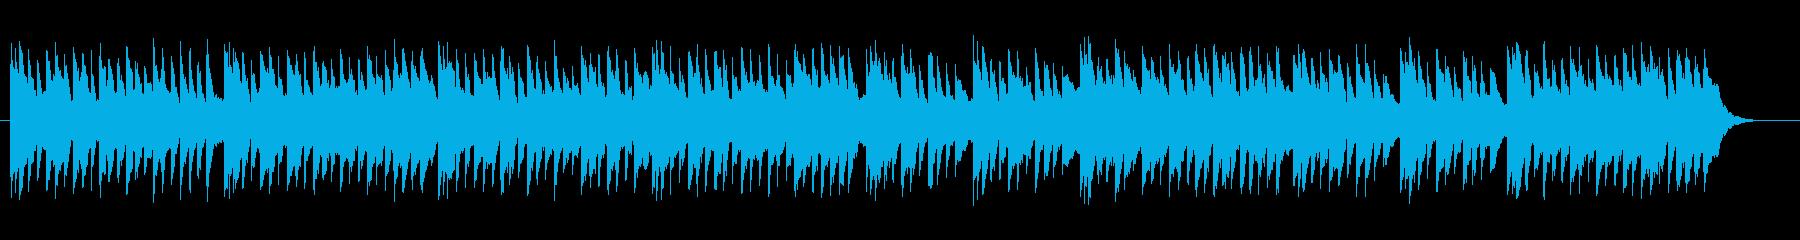 水を連想させるワルツのようなBGMの再生済みの波形